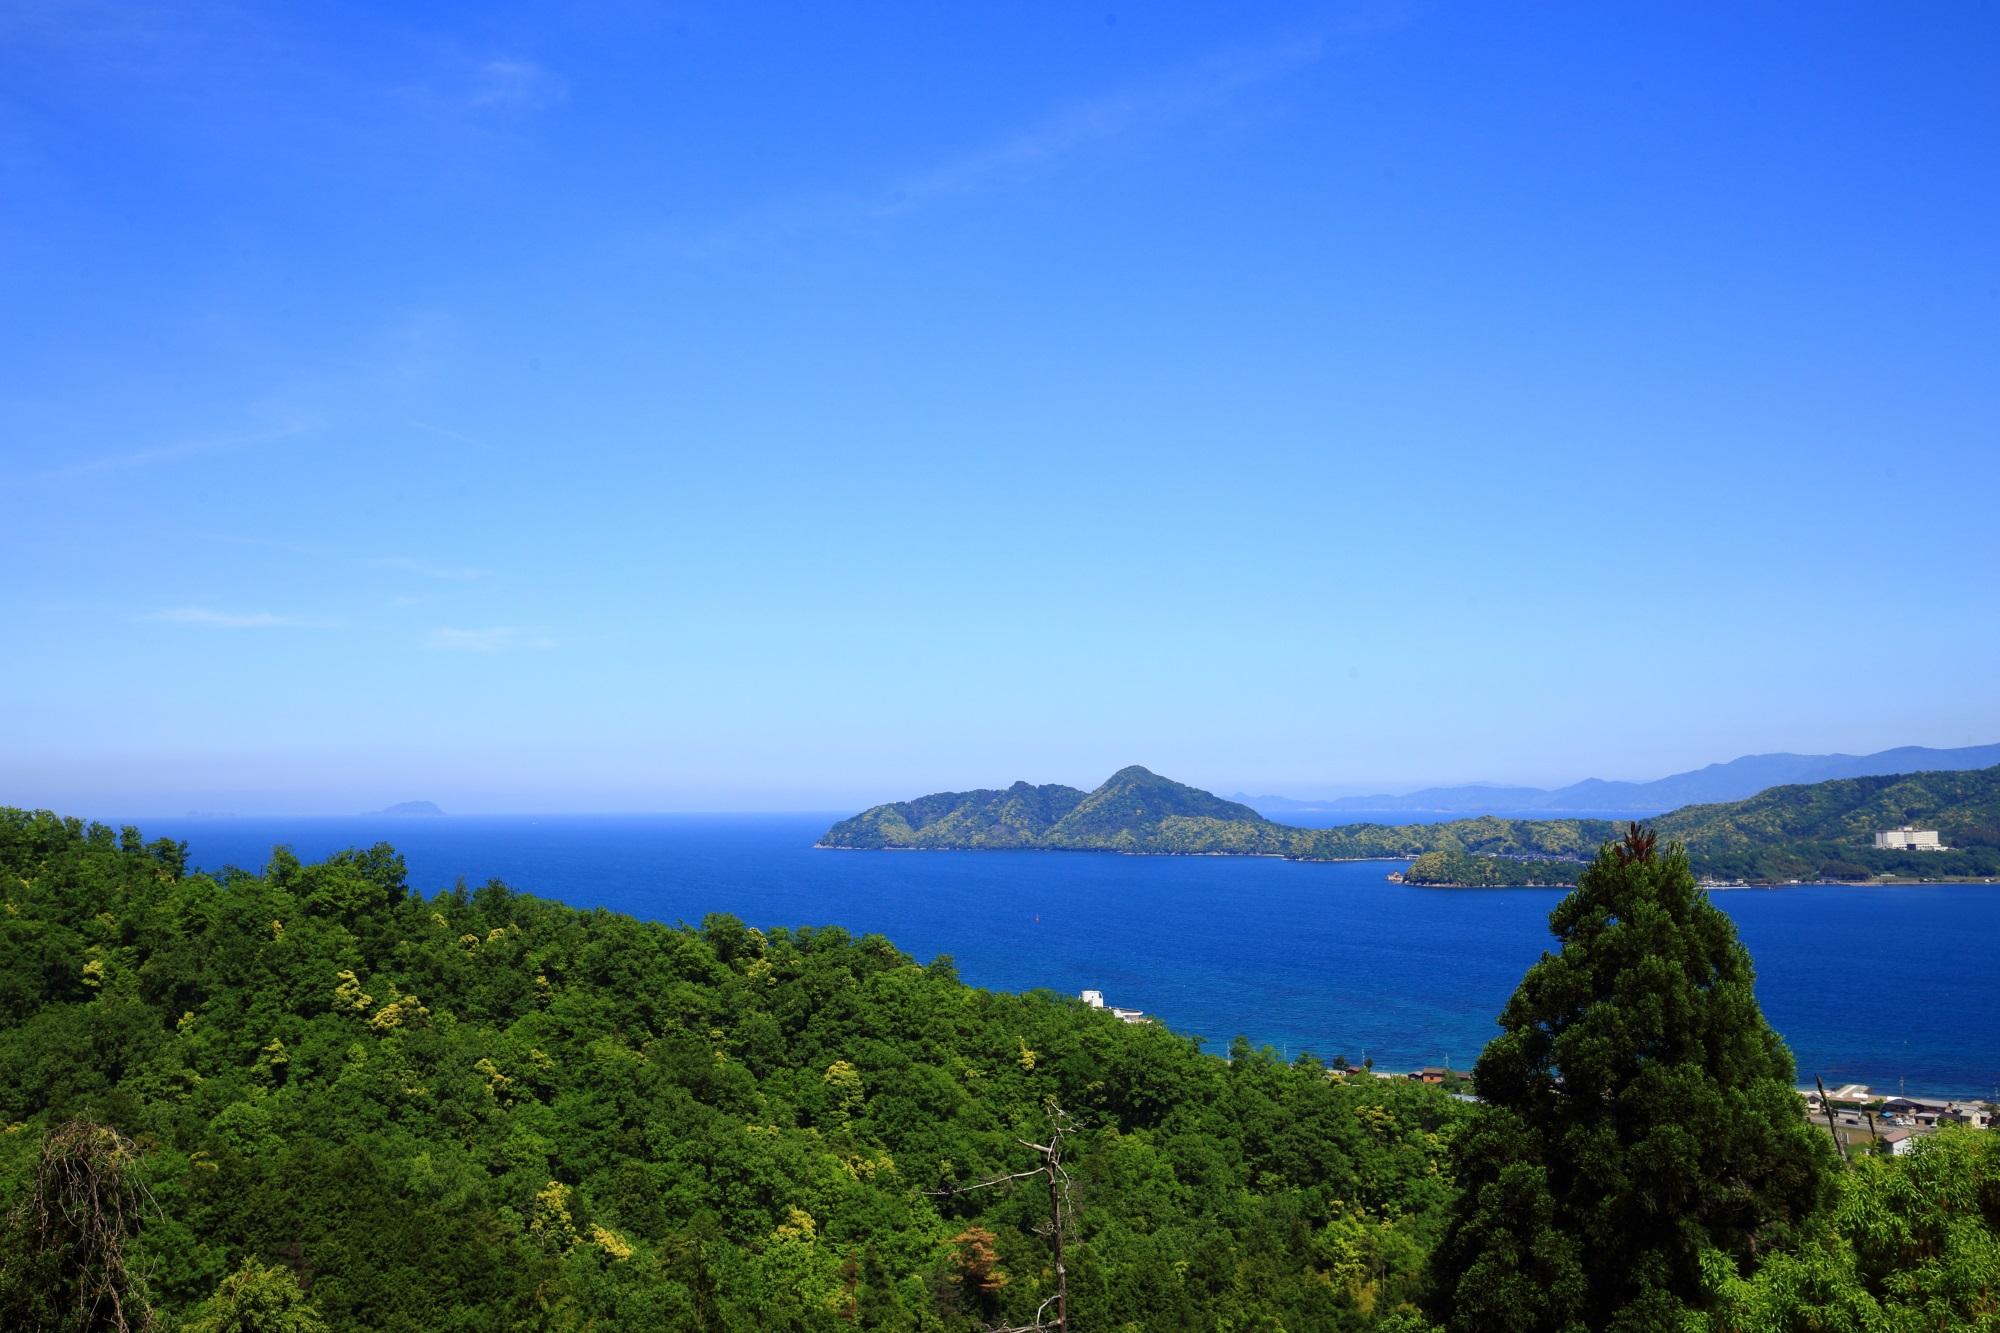 天橋立傘松公園から眺めた若狭湾の冠島と沓島